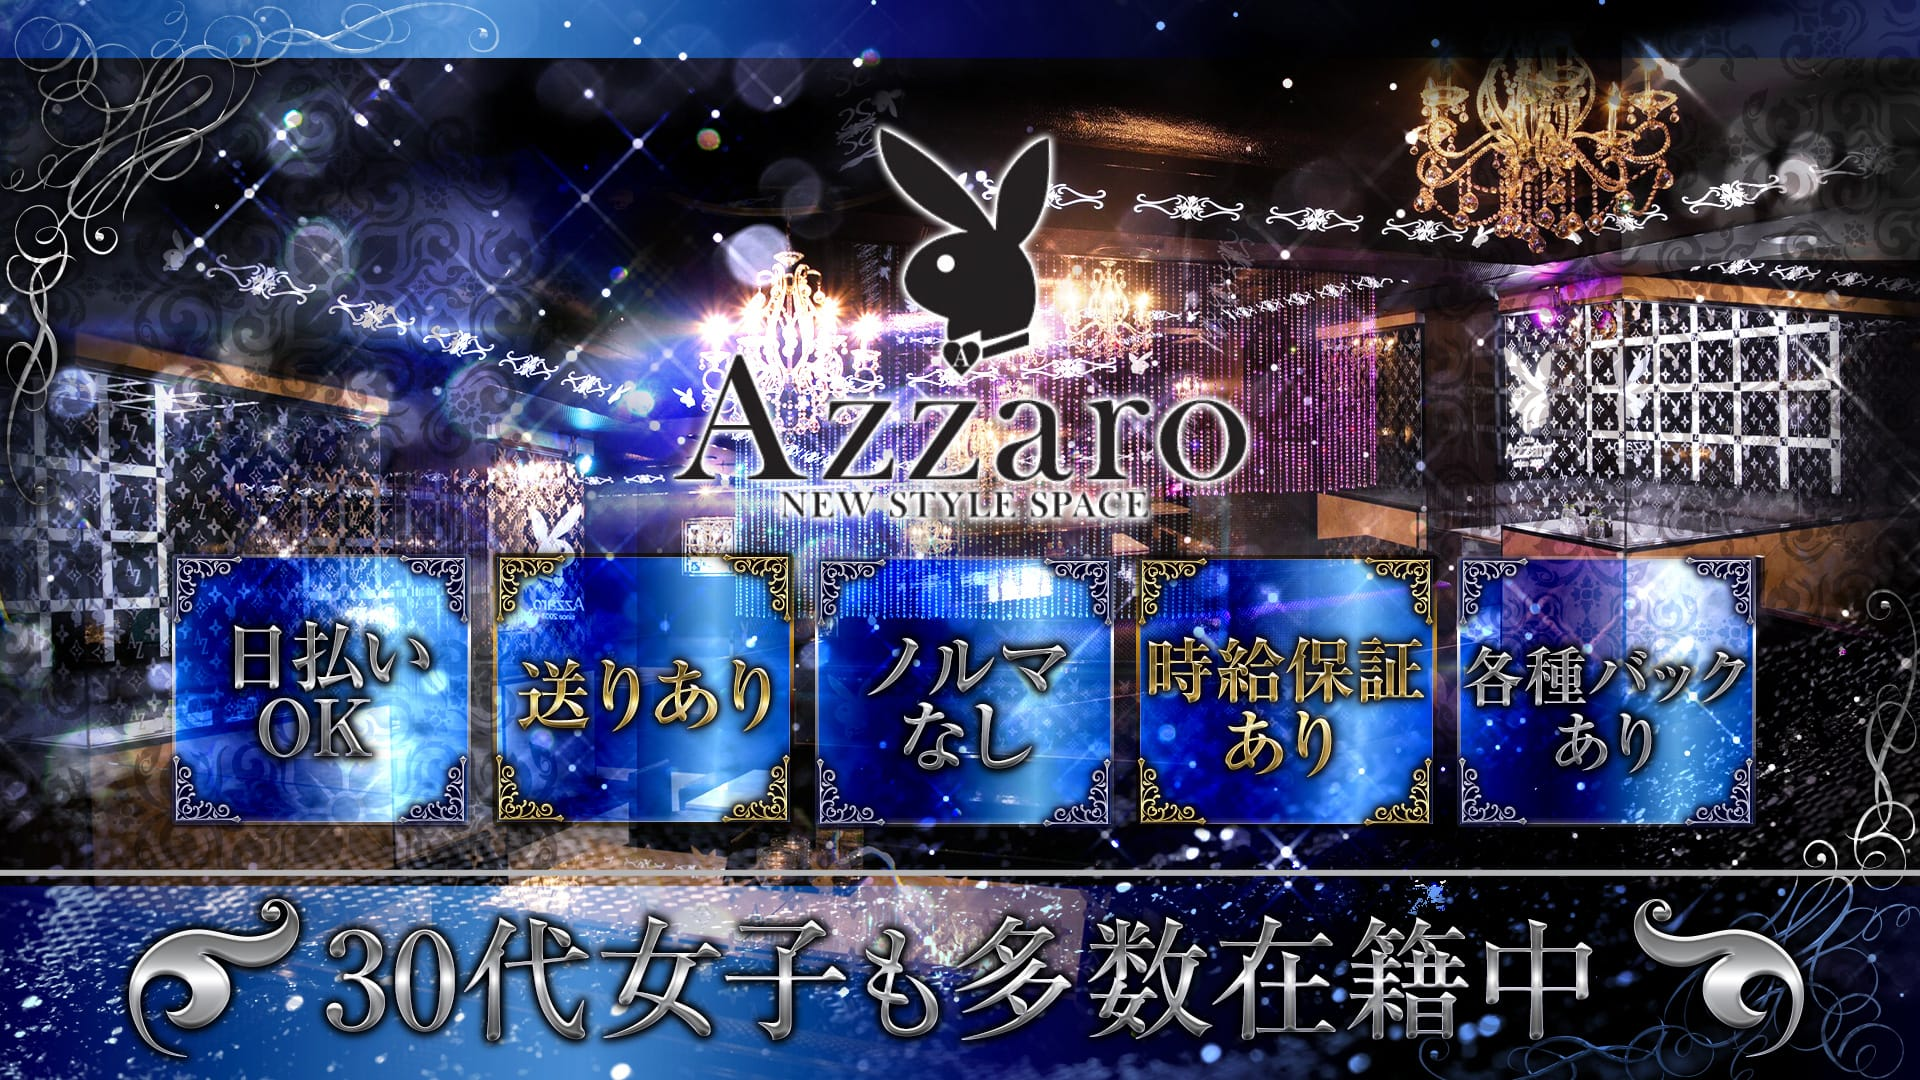 club Azzaro(クラブ アザロ) 都町キャバクラ TOP画像